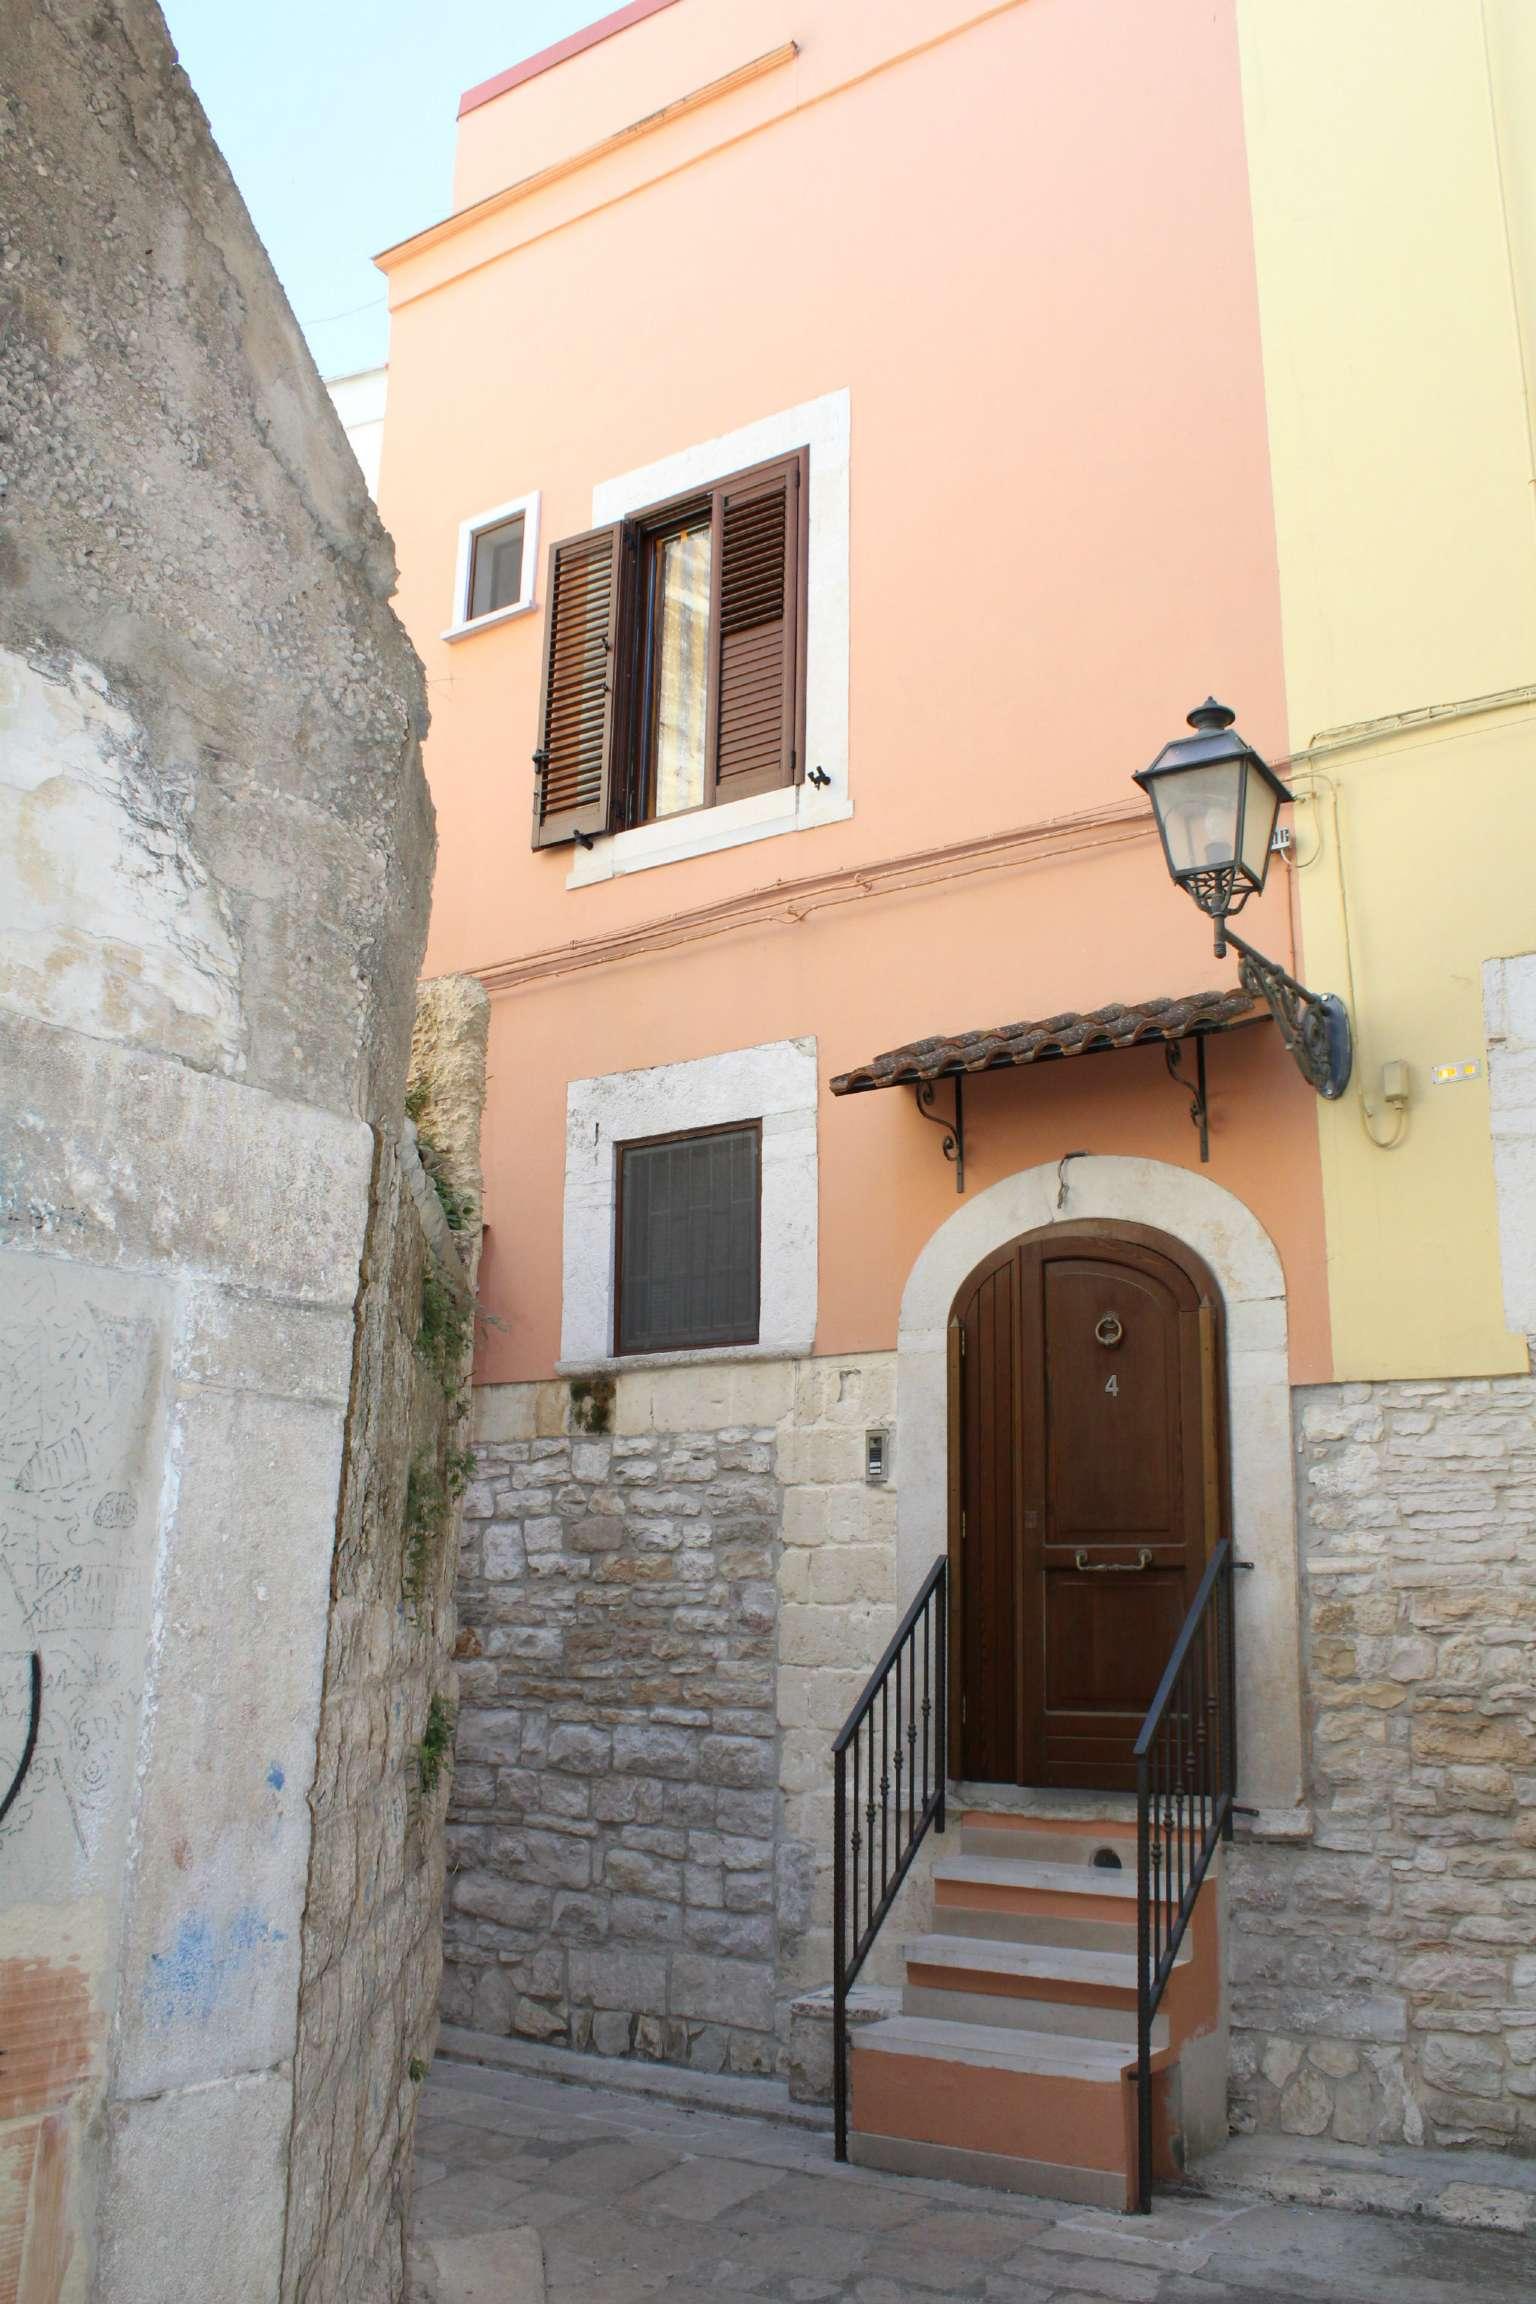 Soluzione Indipendente in vendita a Andria, 4 locali, prezzo € 138.000 | CambioCasa.it